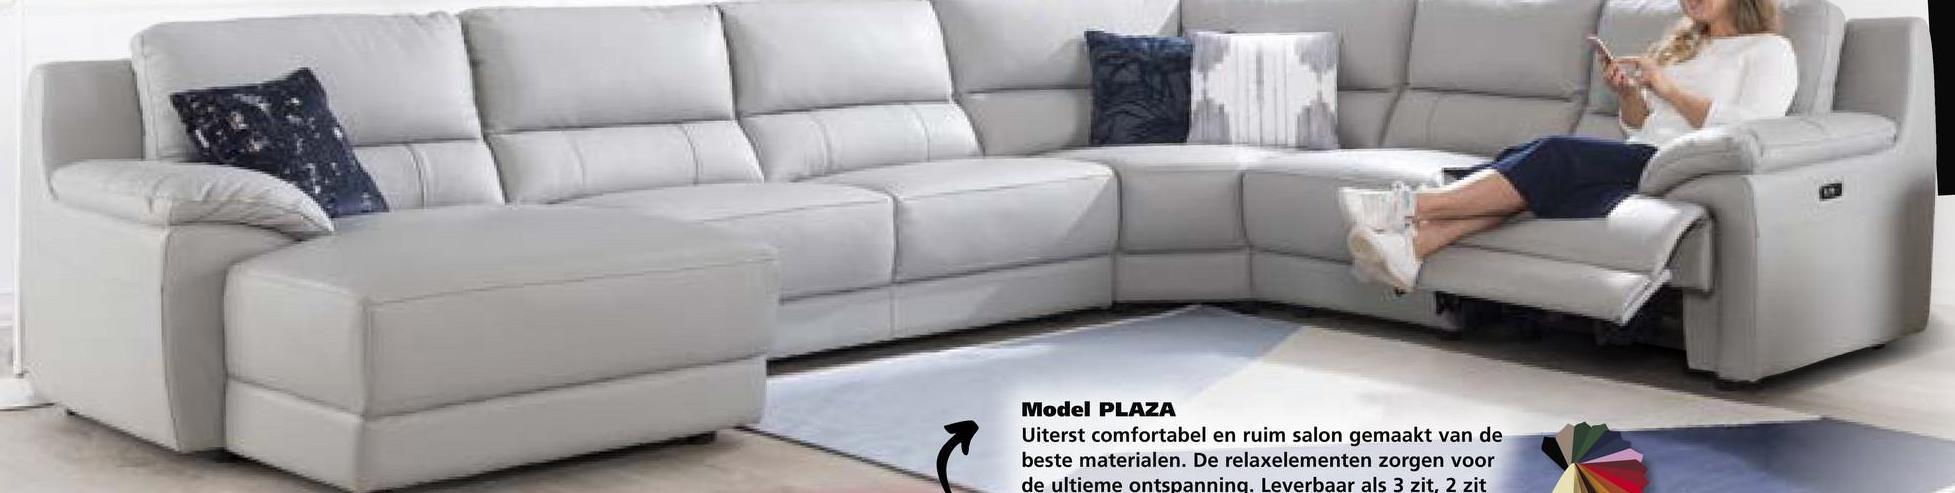 Model PLAZA Uiterst comfortabel en ruim salon gemaakt van de beste materialen. De relaxelementen zorgen voor de ultieme ontspanning. Leverbaar als 3 zit, 2 zit